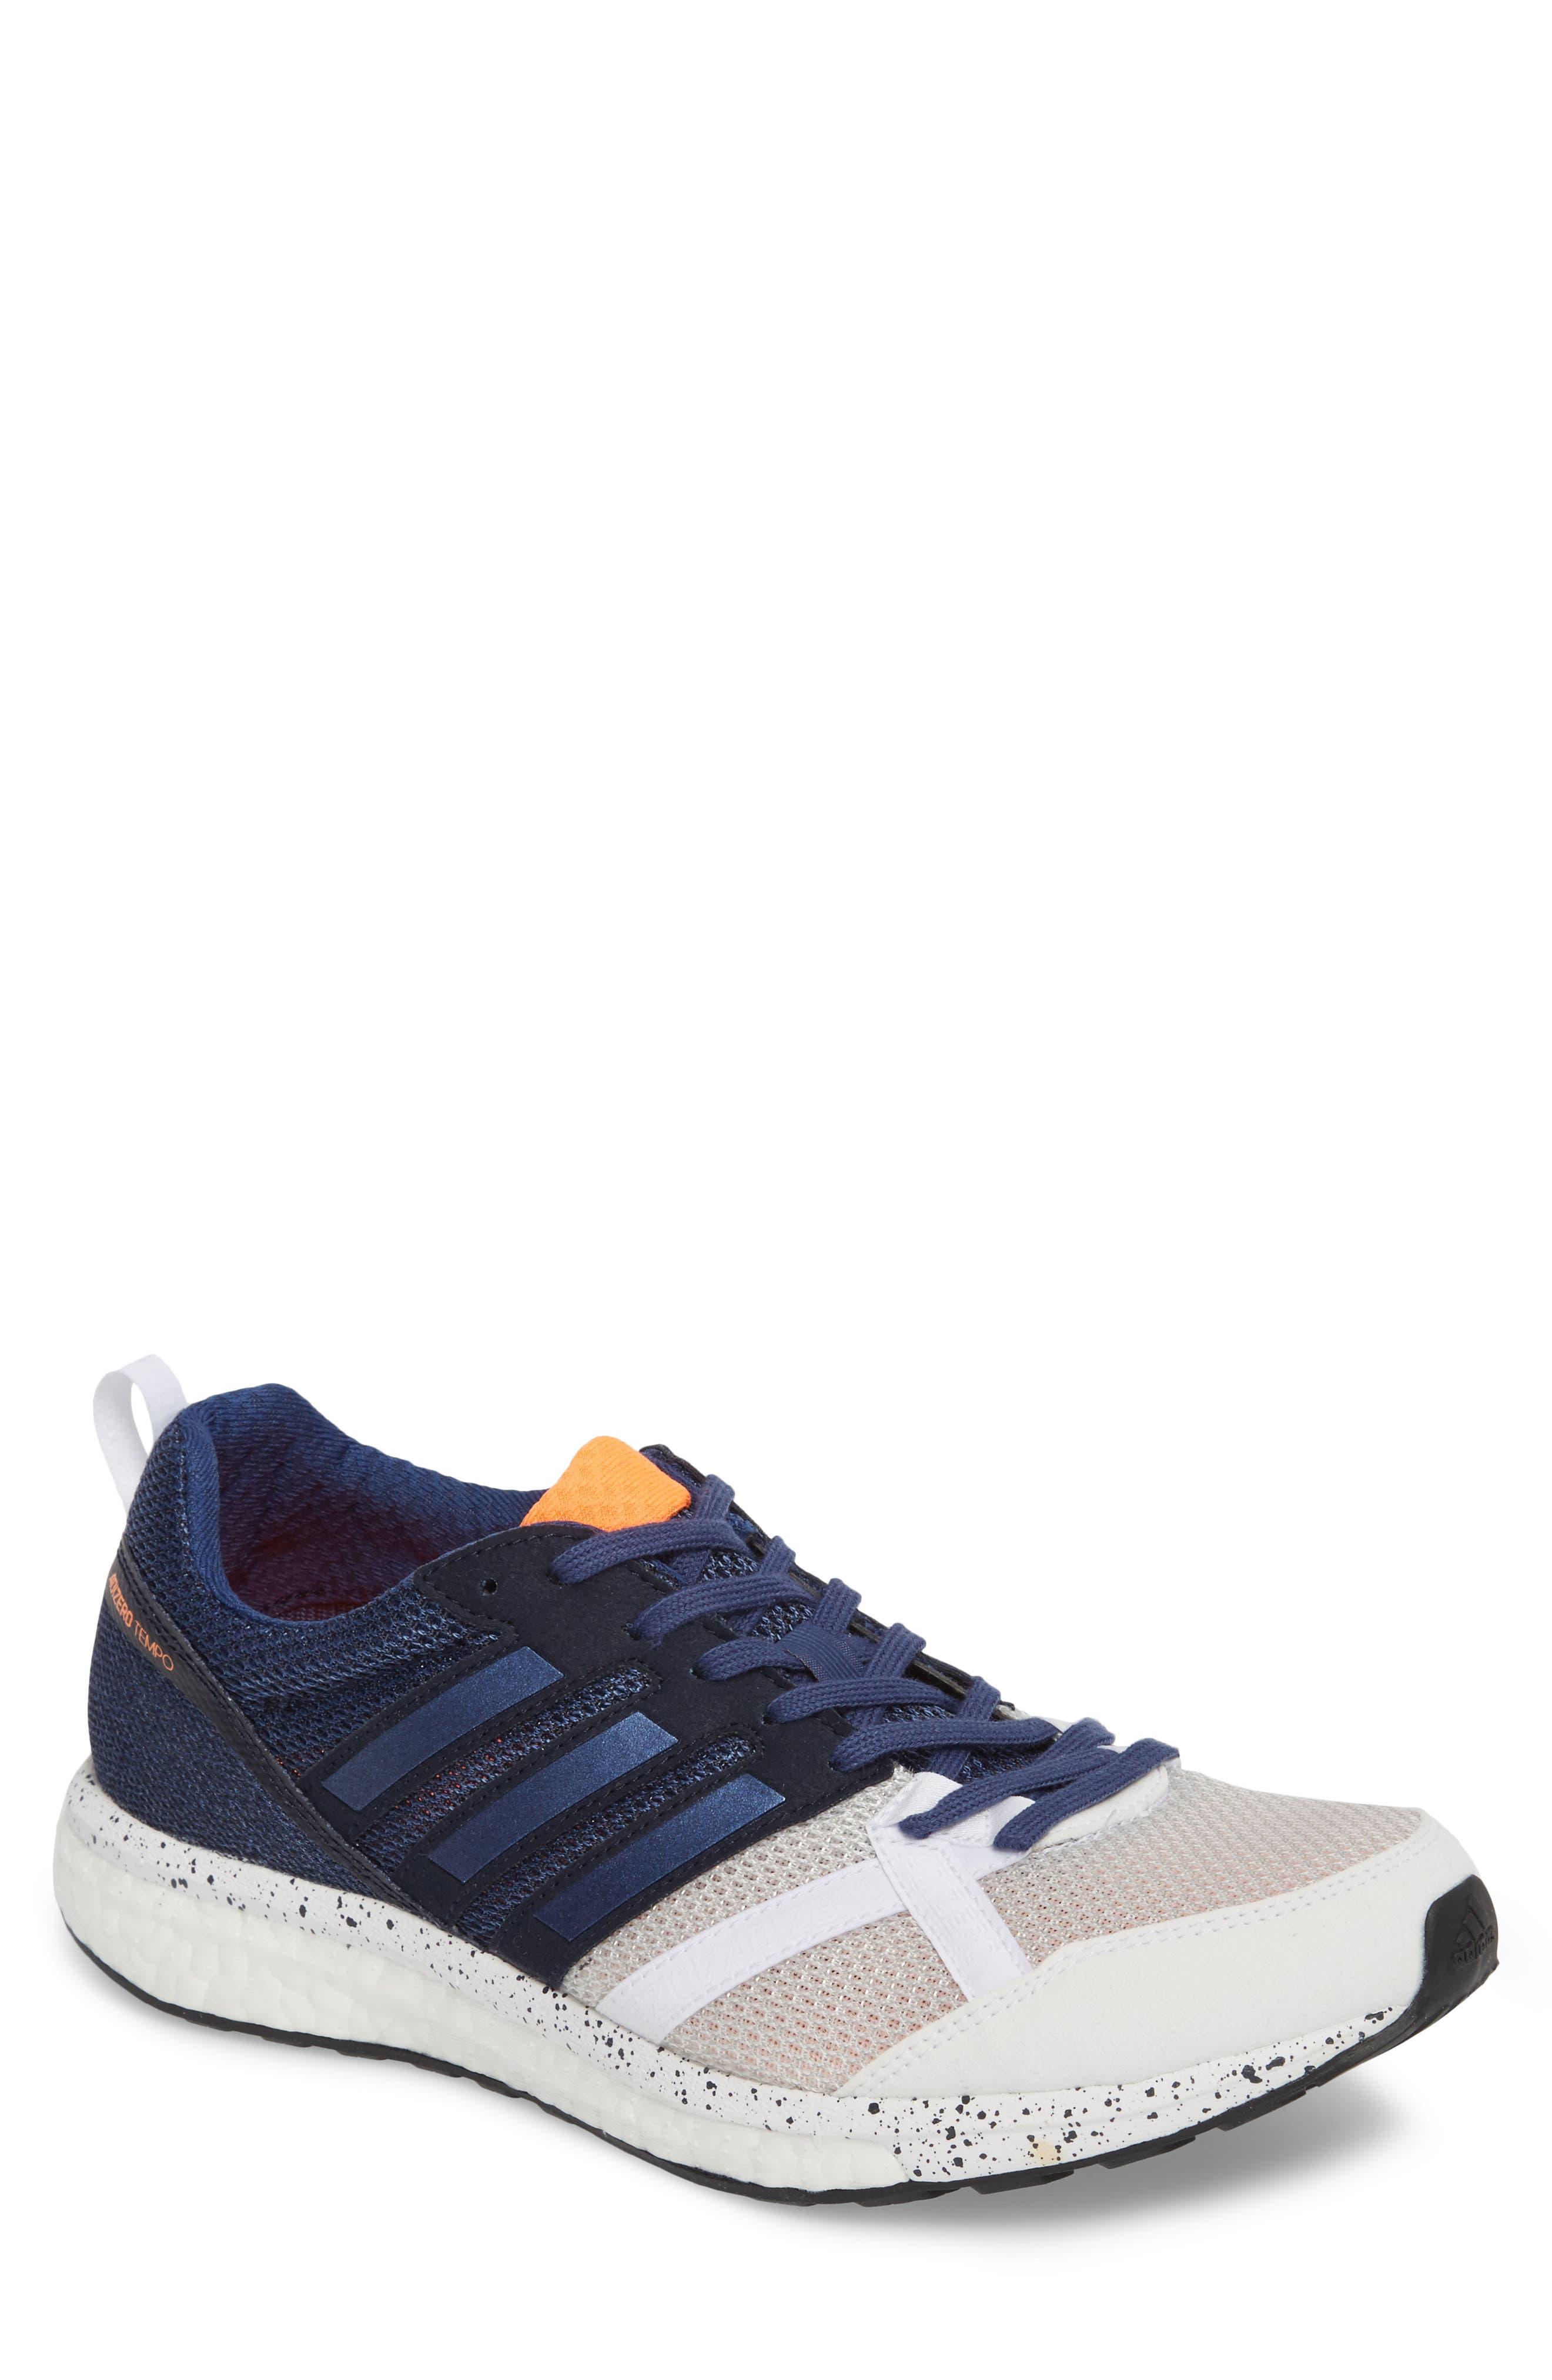 Adizero Tempo 9 M Running Shoe,                         Main,                         color, White/ Indigo/ Core Black